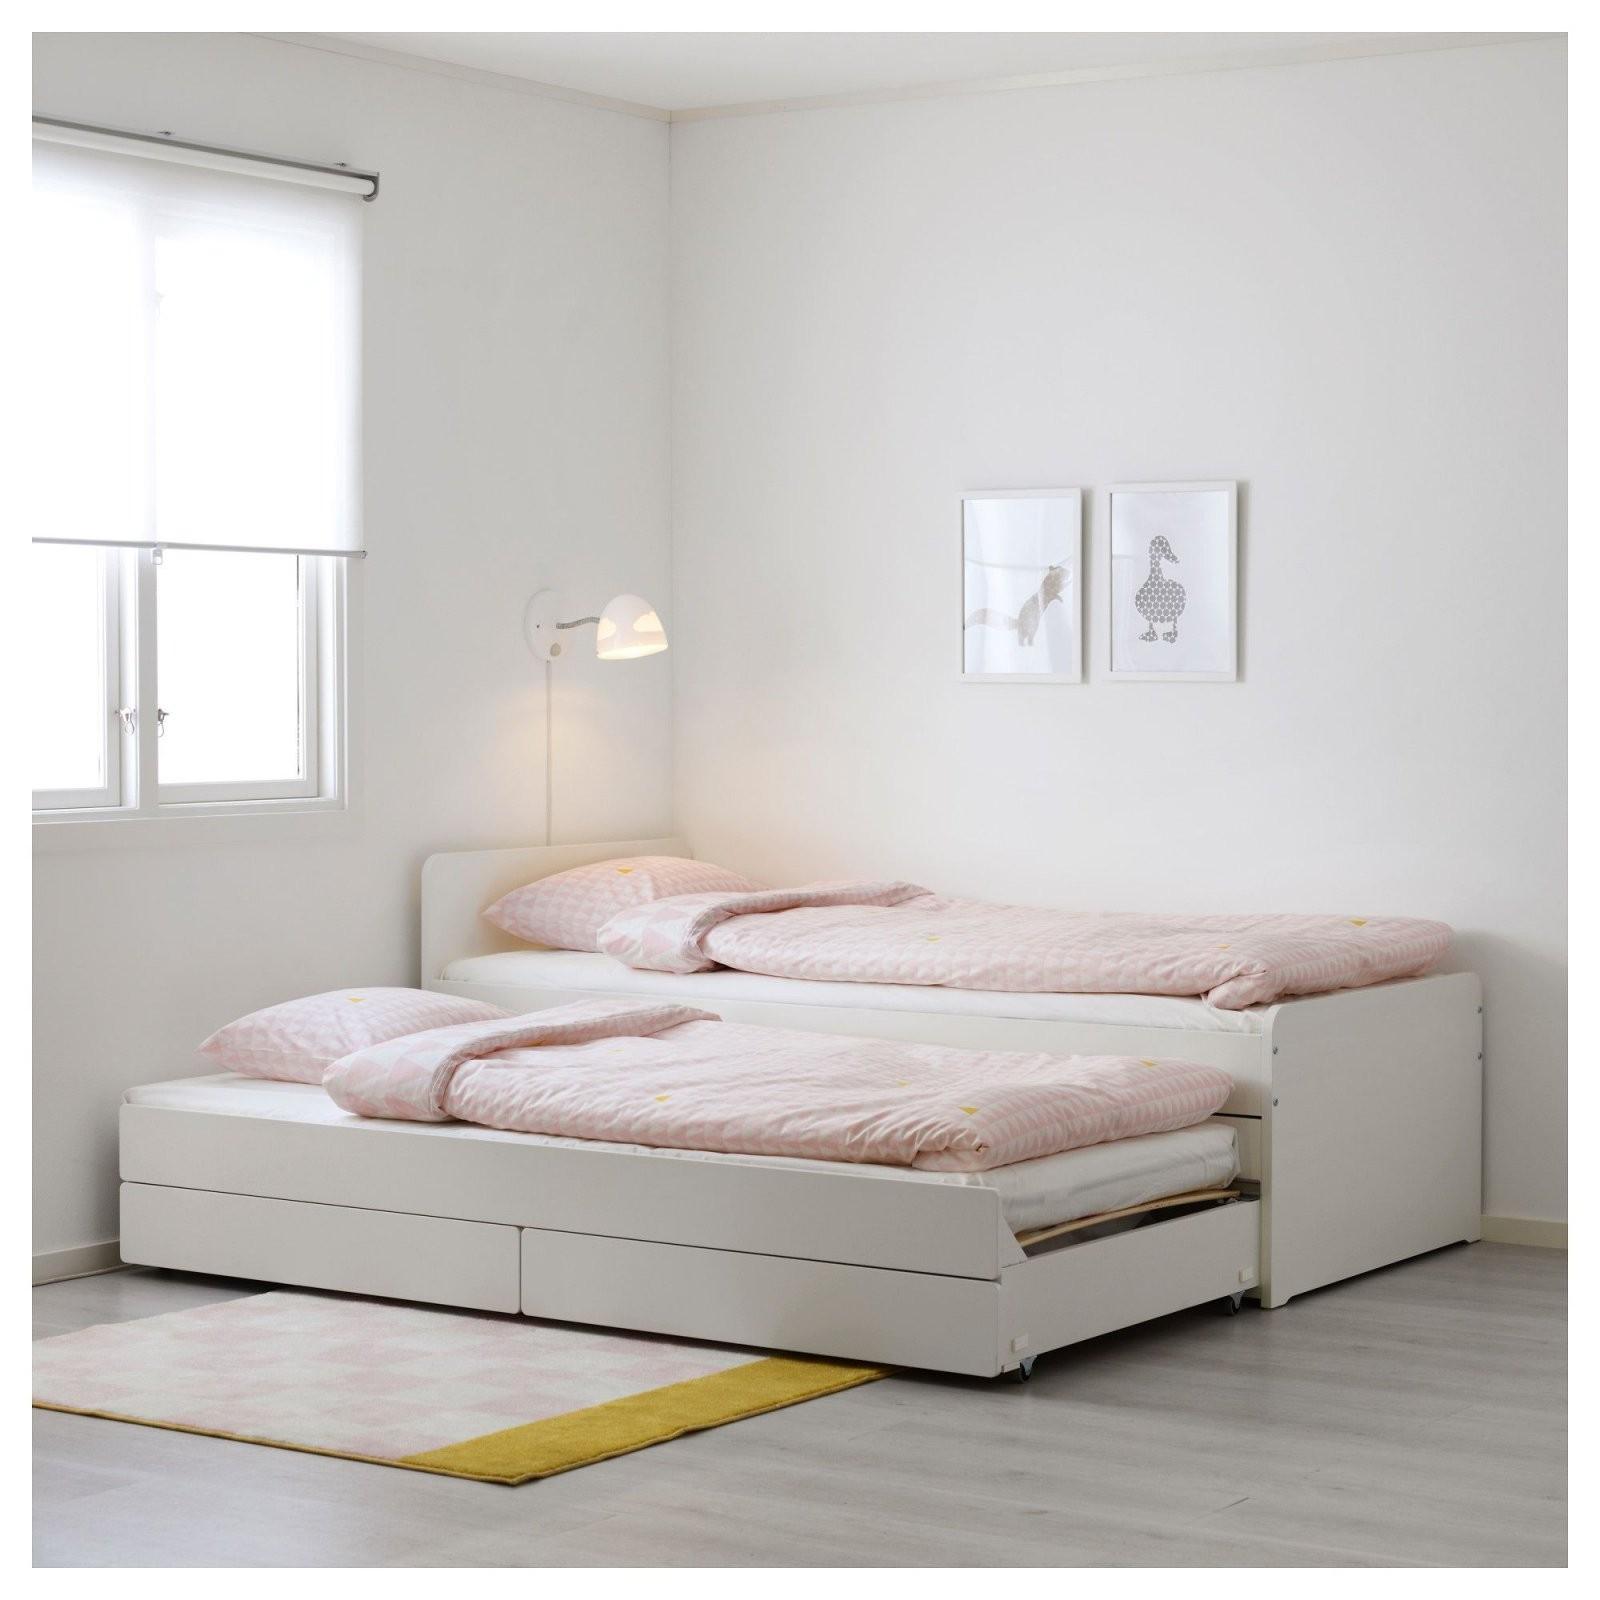 Släkt Unterbett Mit Aufbewahrung Weiß In 2019  Products  Bett von Ikea Einzelbett Mit Unterbett Photo